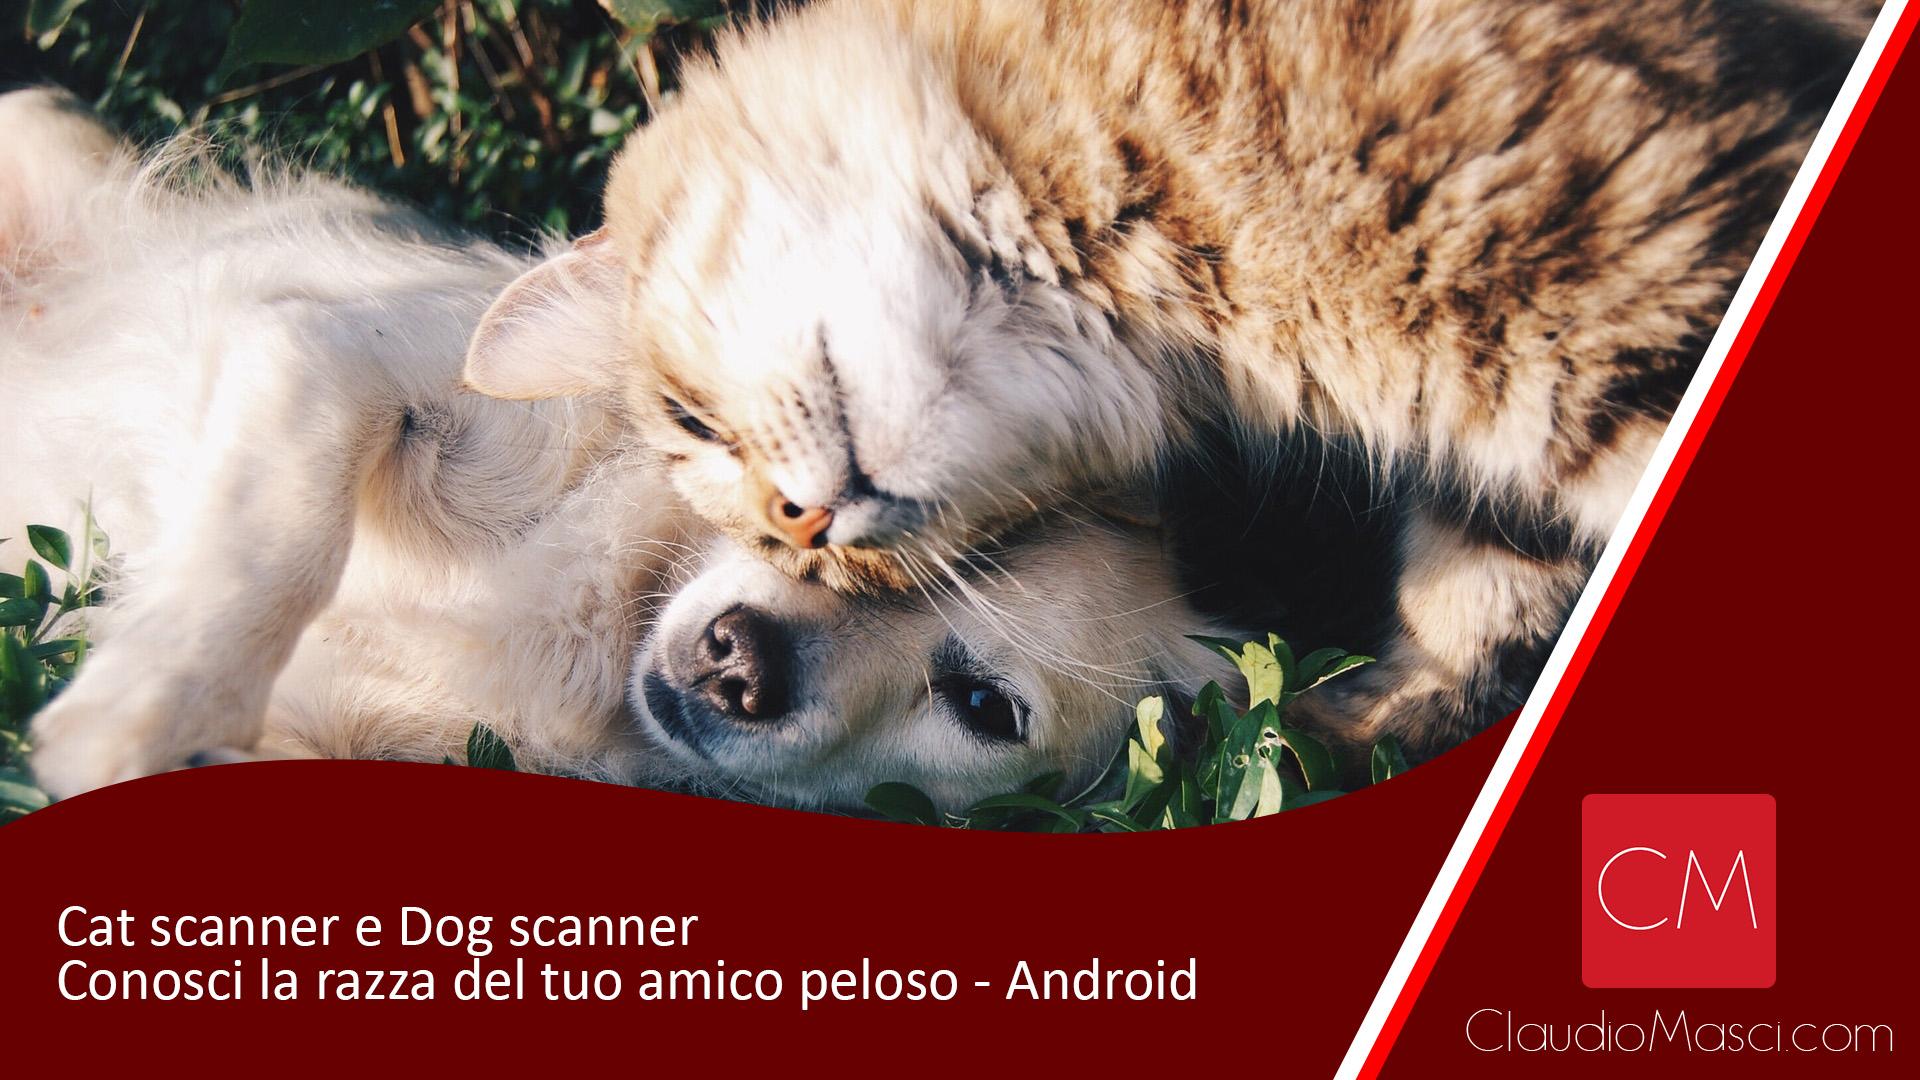 Cat scanner e Dog scanner – conosci la razza del tuo amico peloso